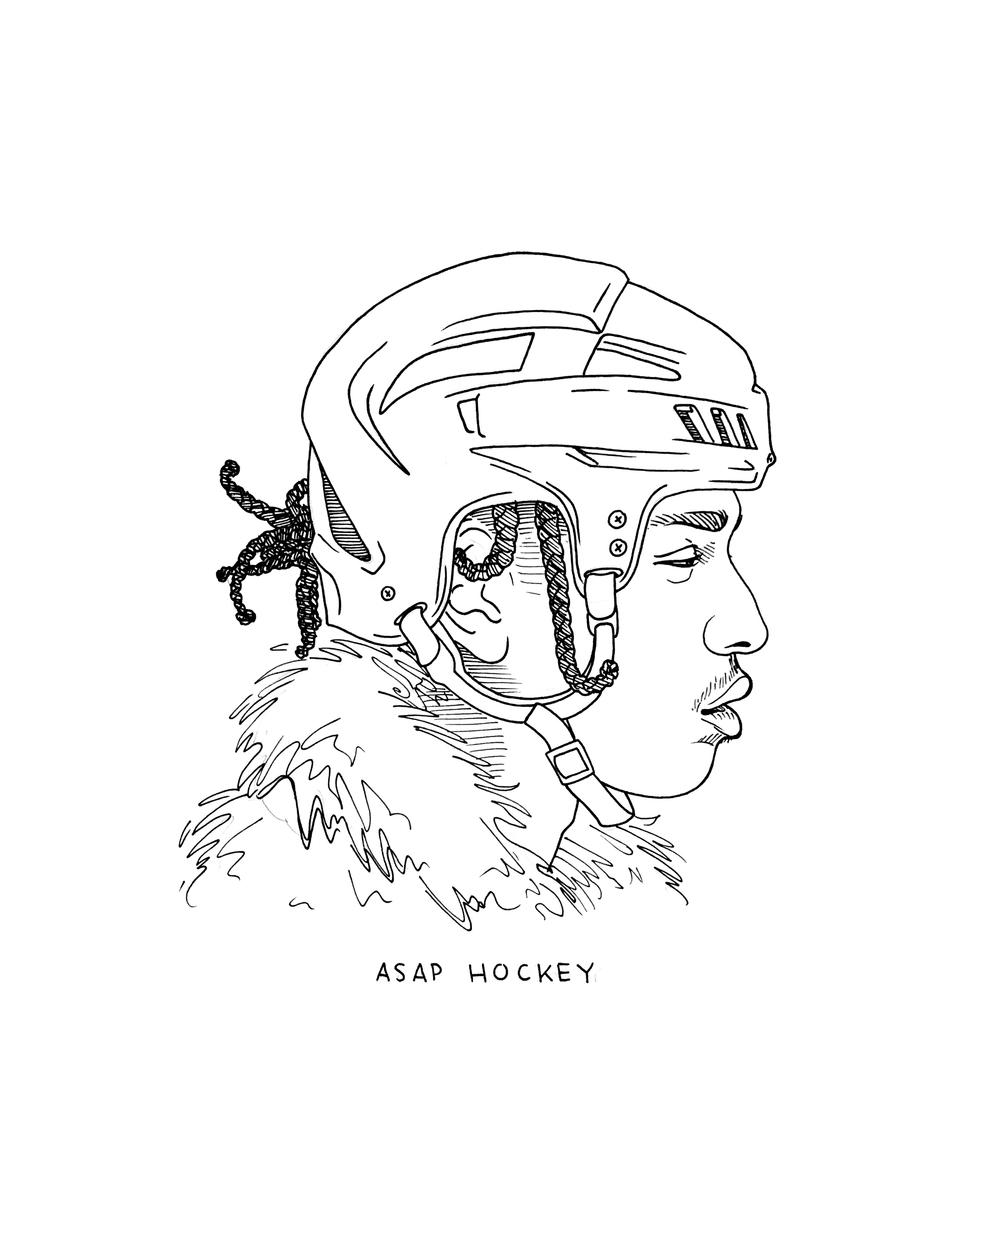 Asap_Hockey.jpg